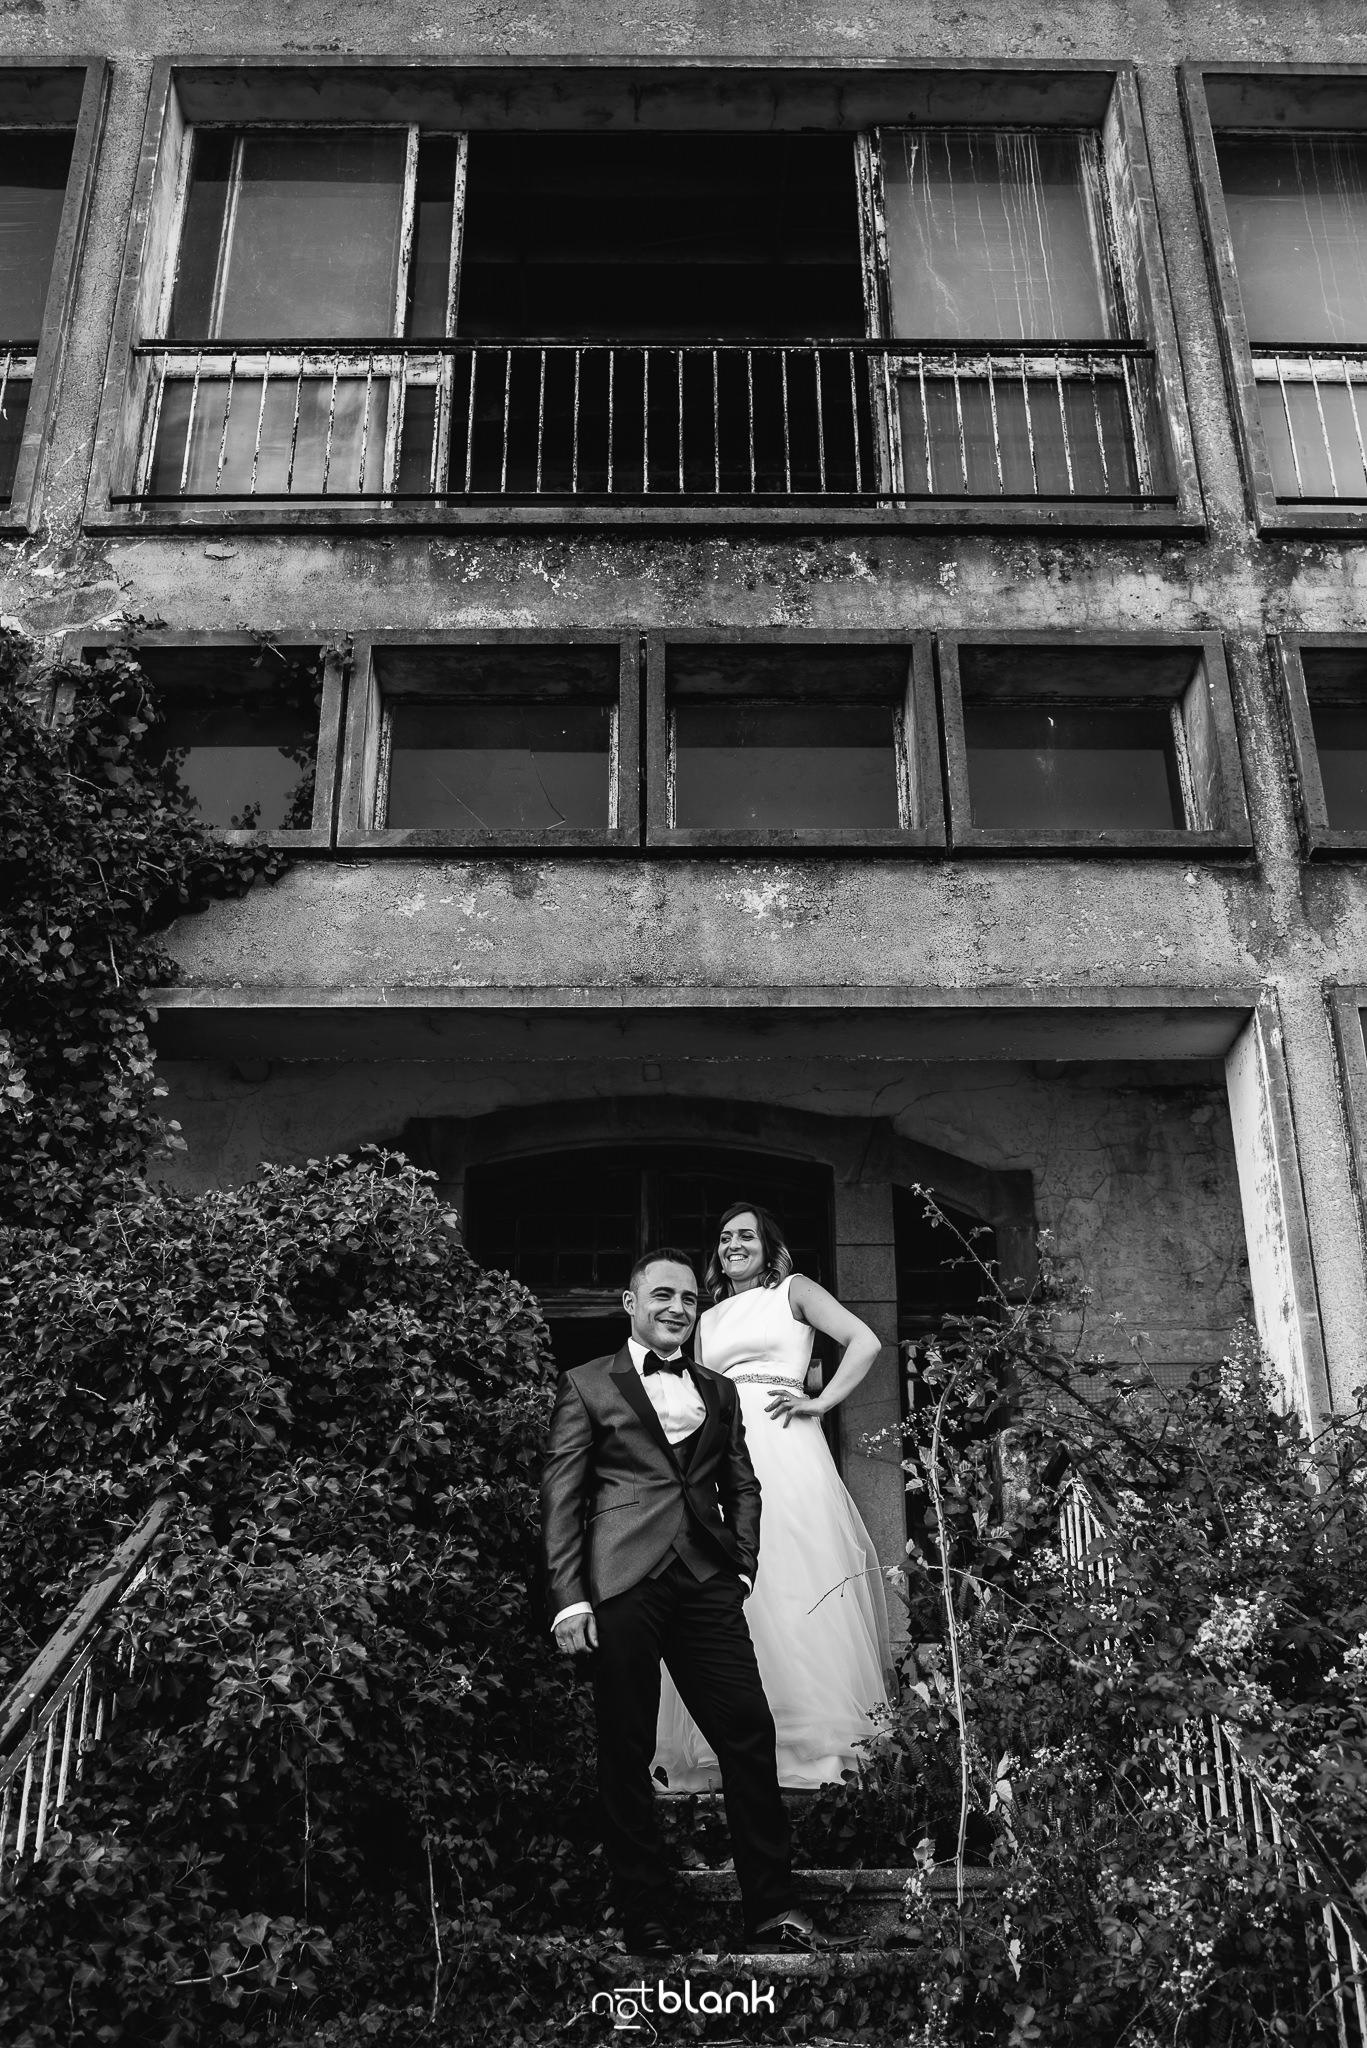 Fotos-De-Postboda-Notblank-Fotografos-De-Boda-Galicia | Jessica Ruben postboda